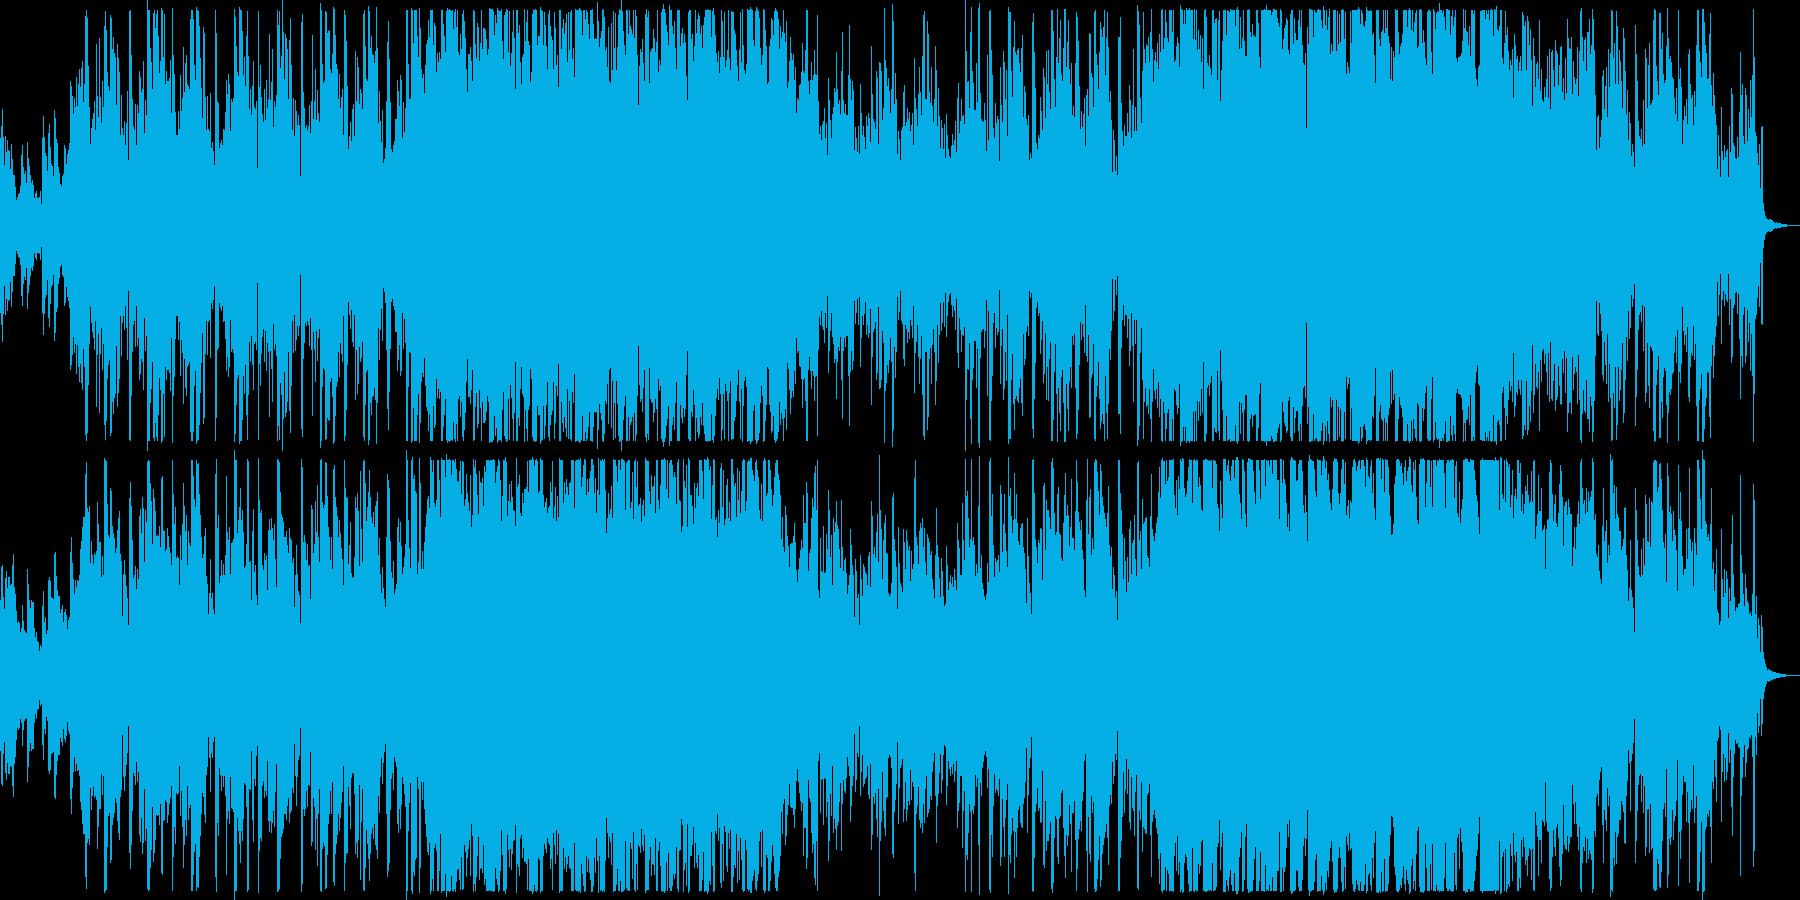 ポップなエレクトロニカ、映像やCM等にの再生済みの波形